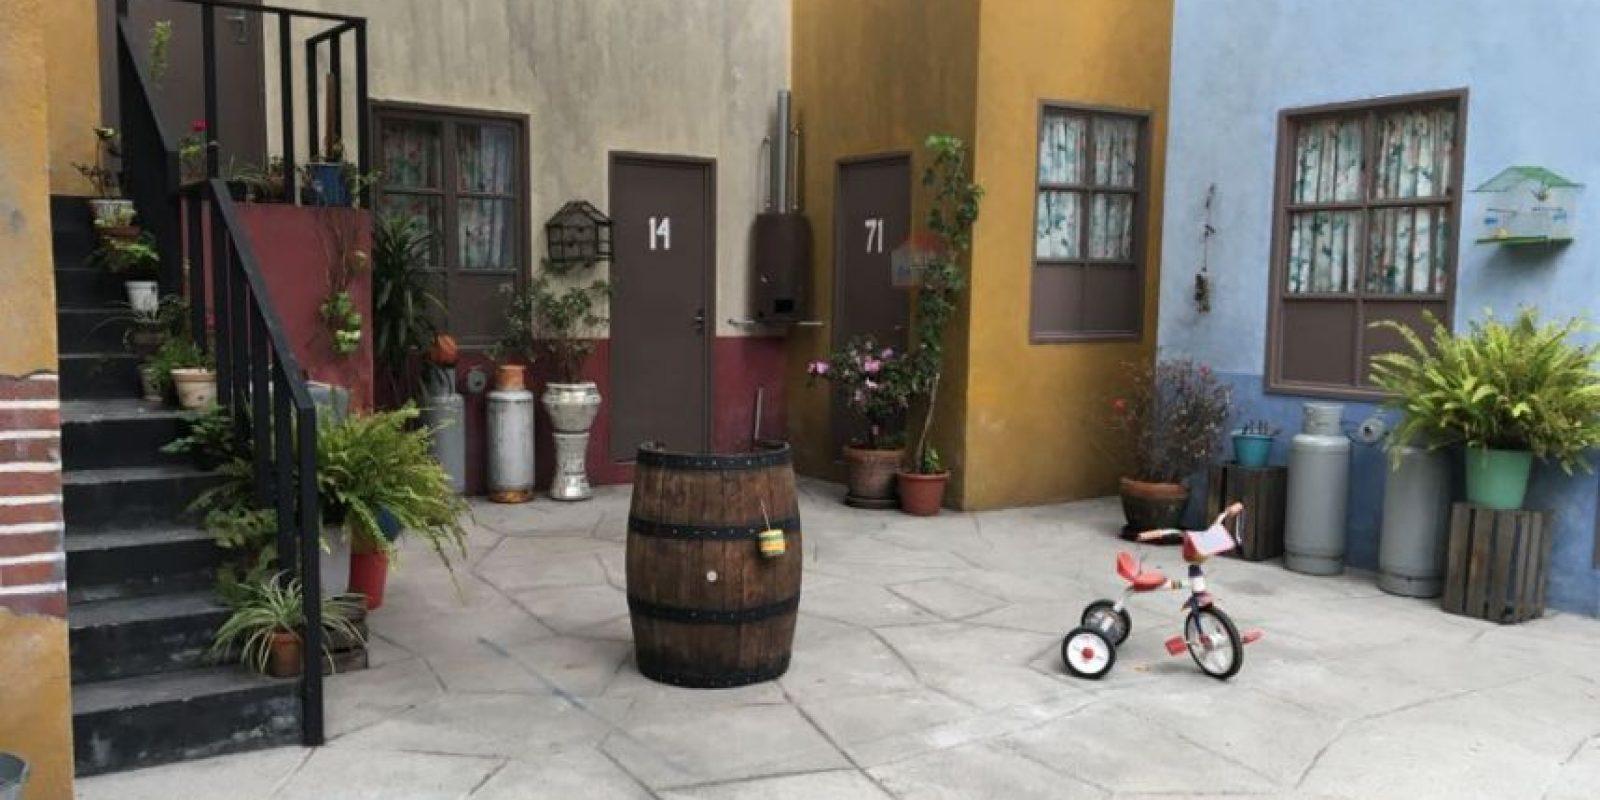 1- El patio de la vecindad. Foto:Nicolás Corte